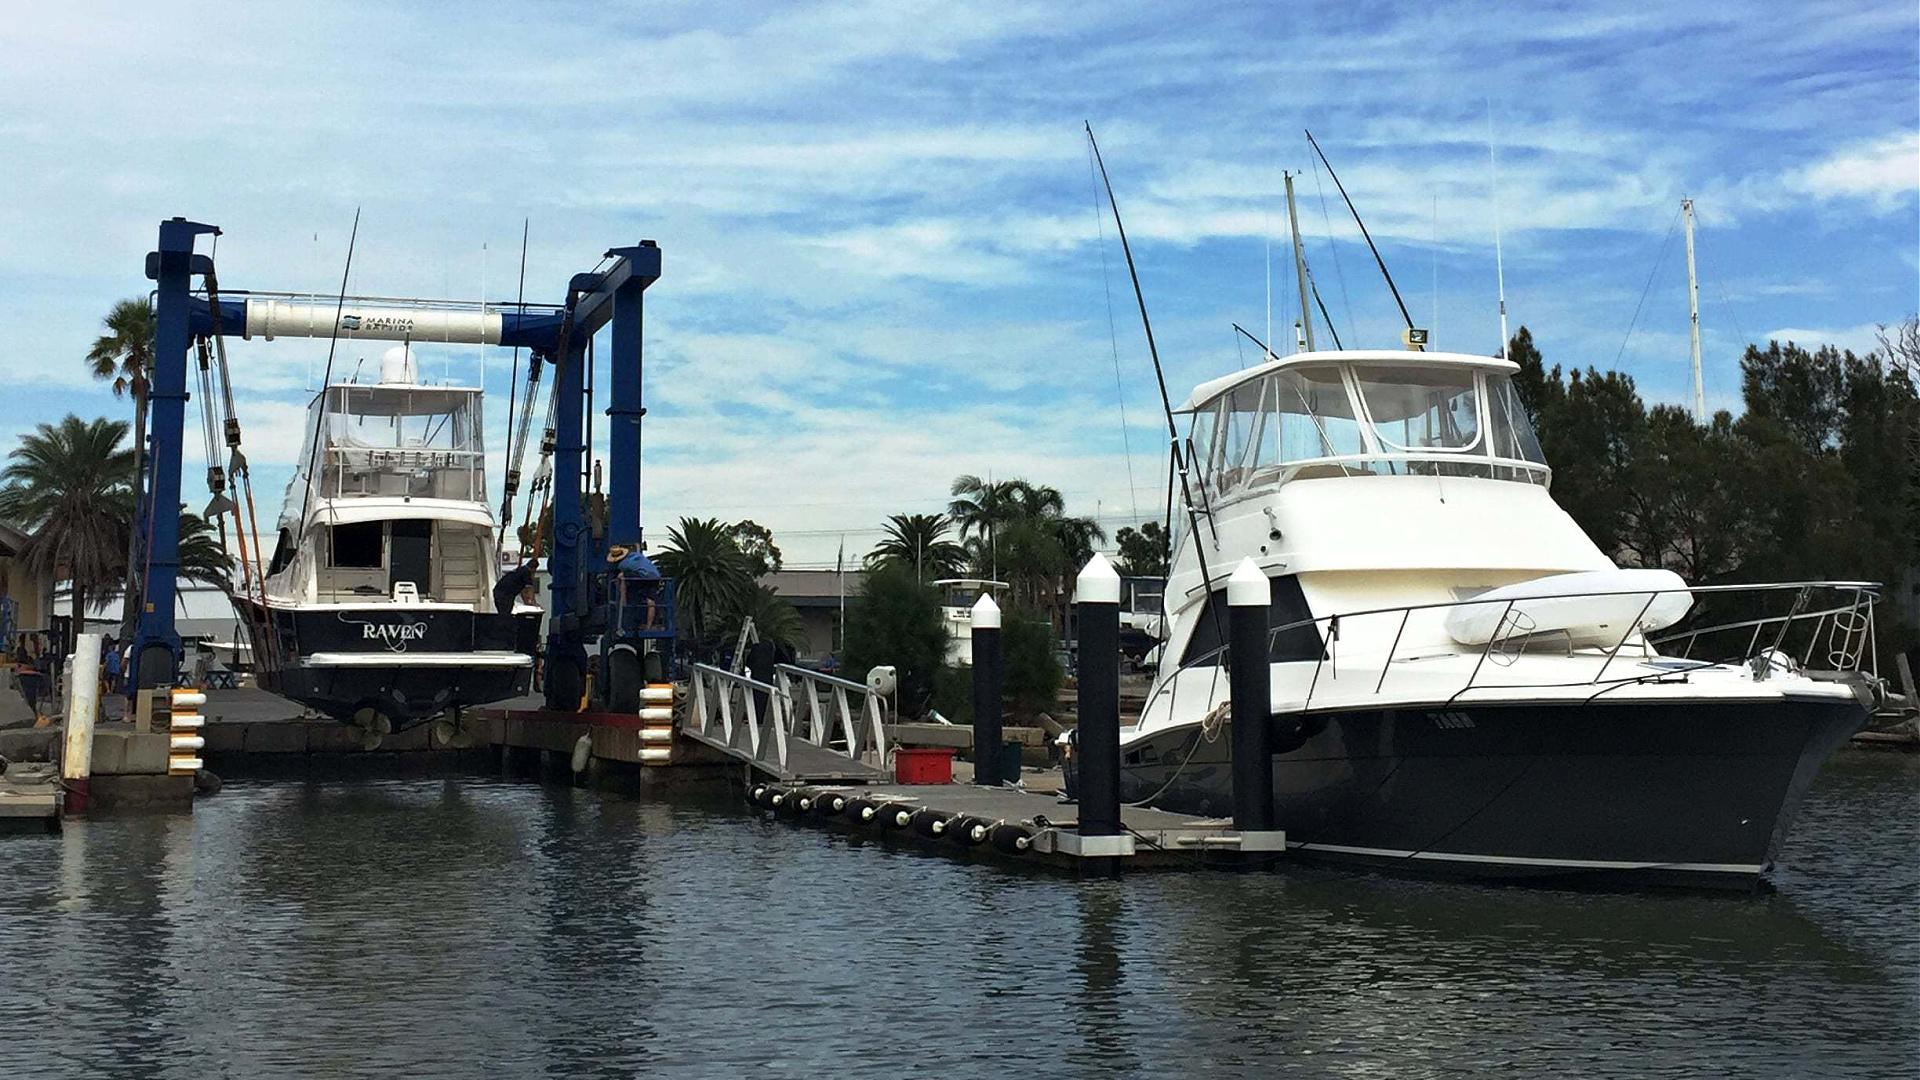 Marina Bayside Boatyard